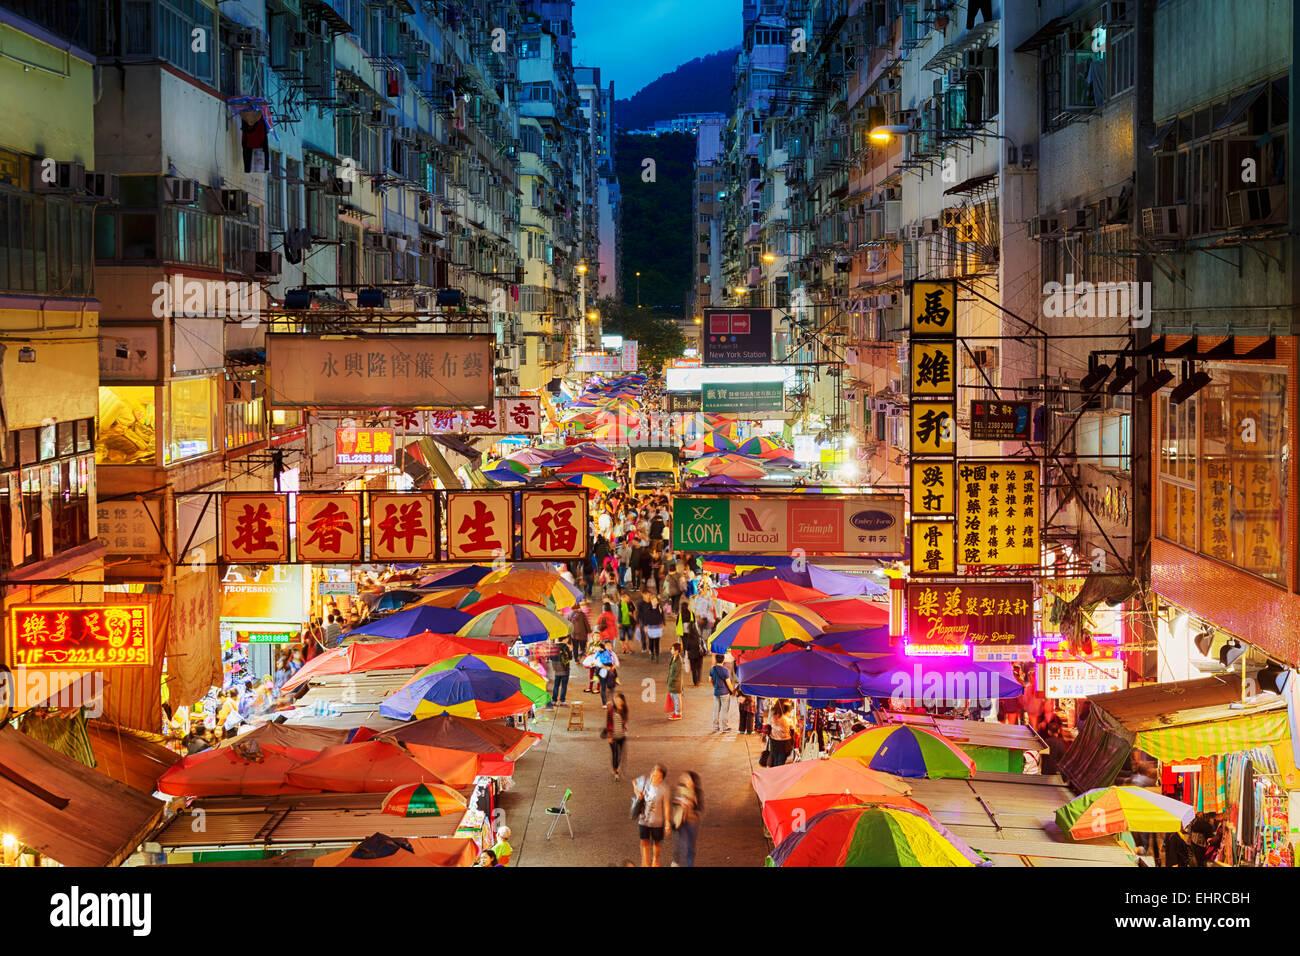 Hong Kong, Hong Kong SAR -November 08, 2014: Busy street market at Fa Yuen Street at Mong Kok area of Kowloon, Hong - Stock Image